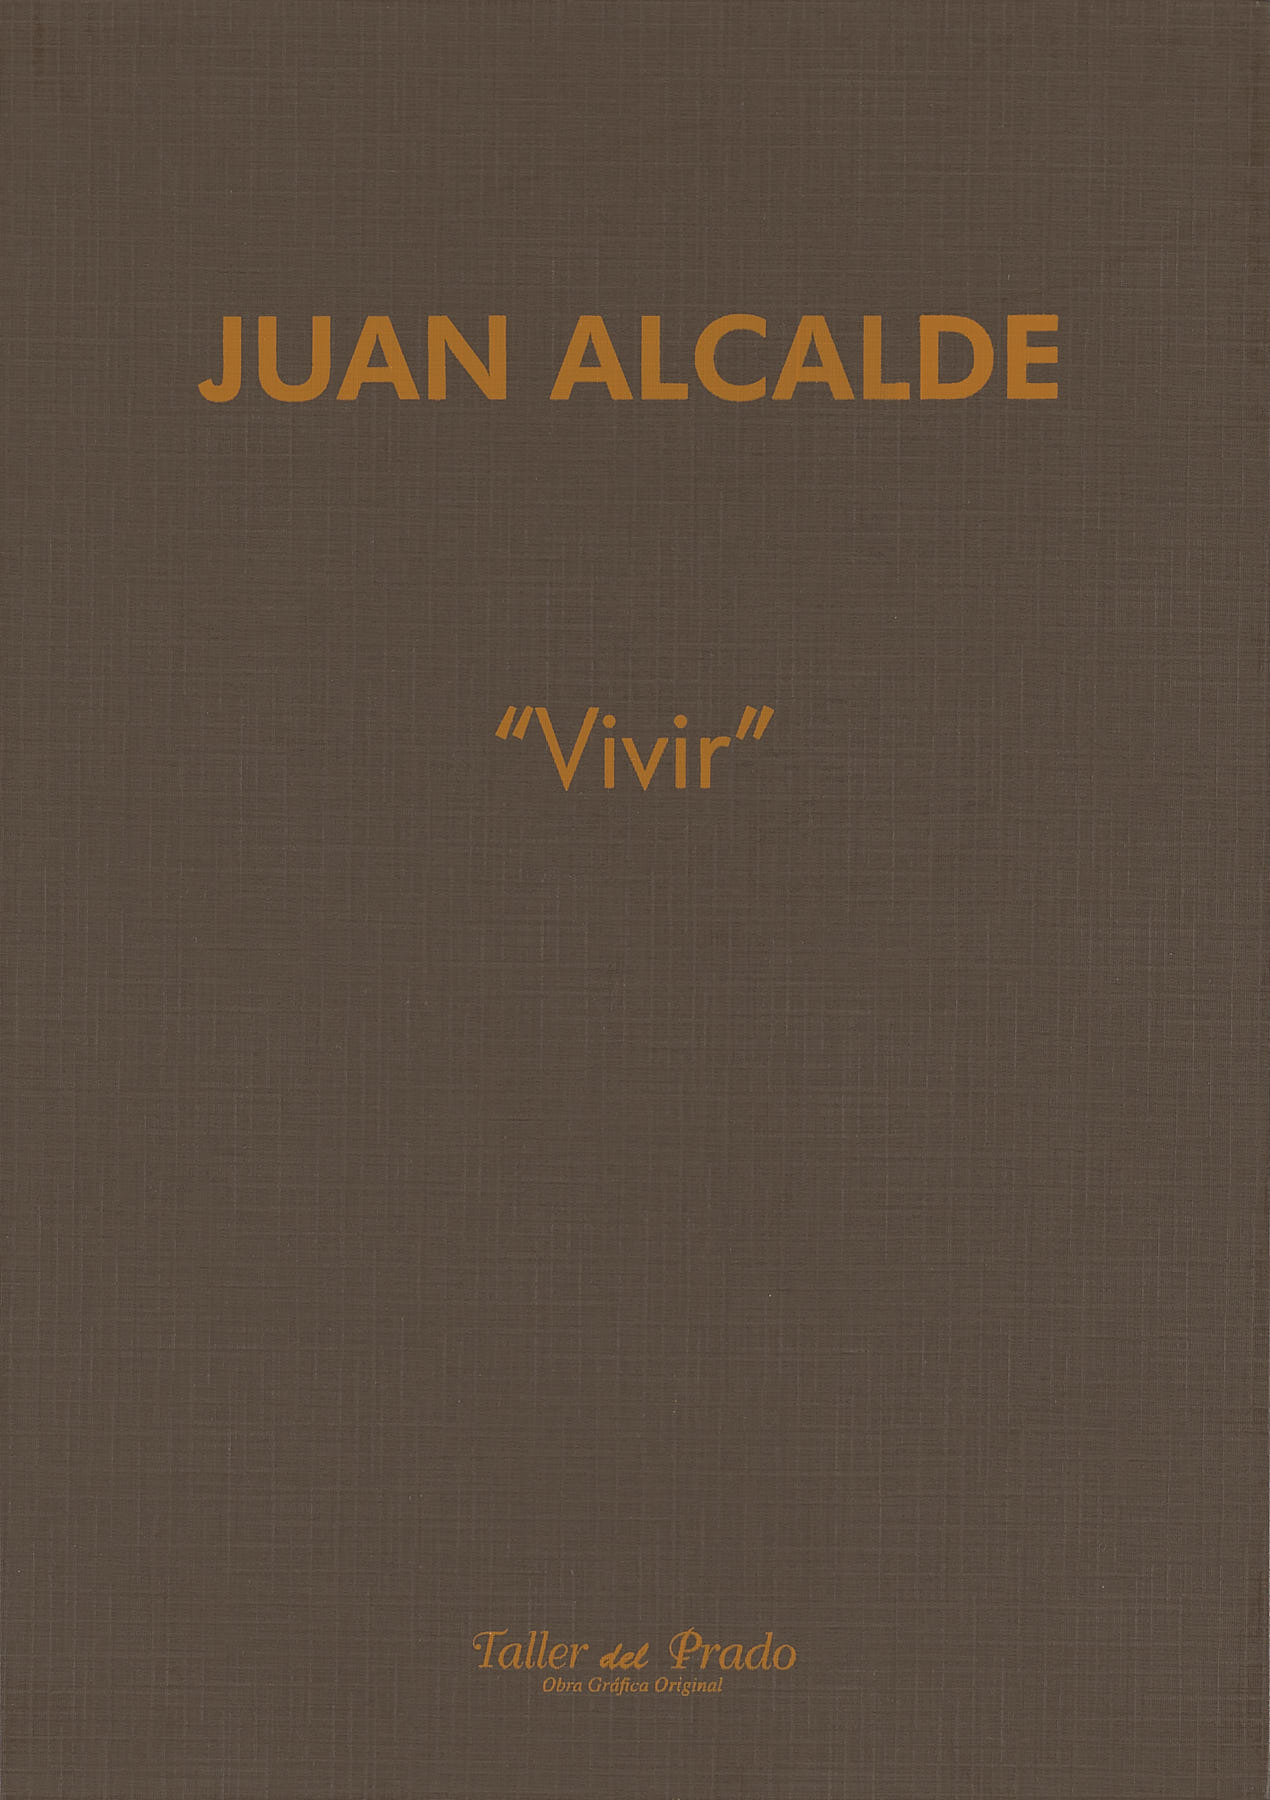 Vivir, Juan Alcalde